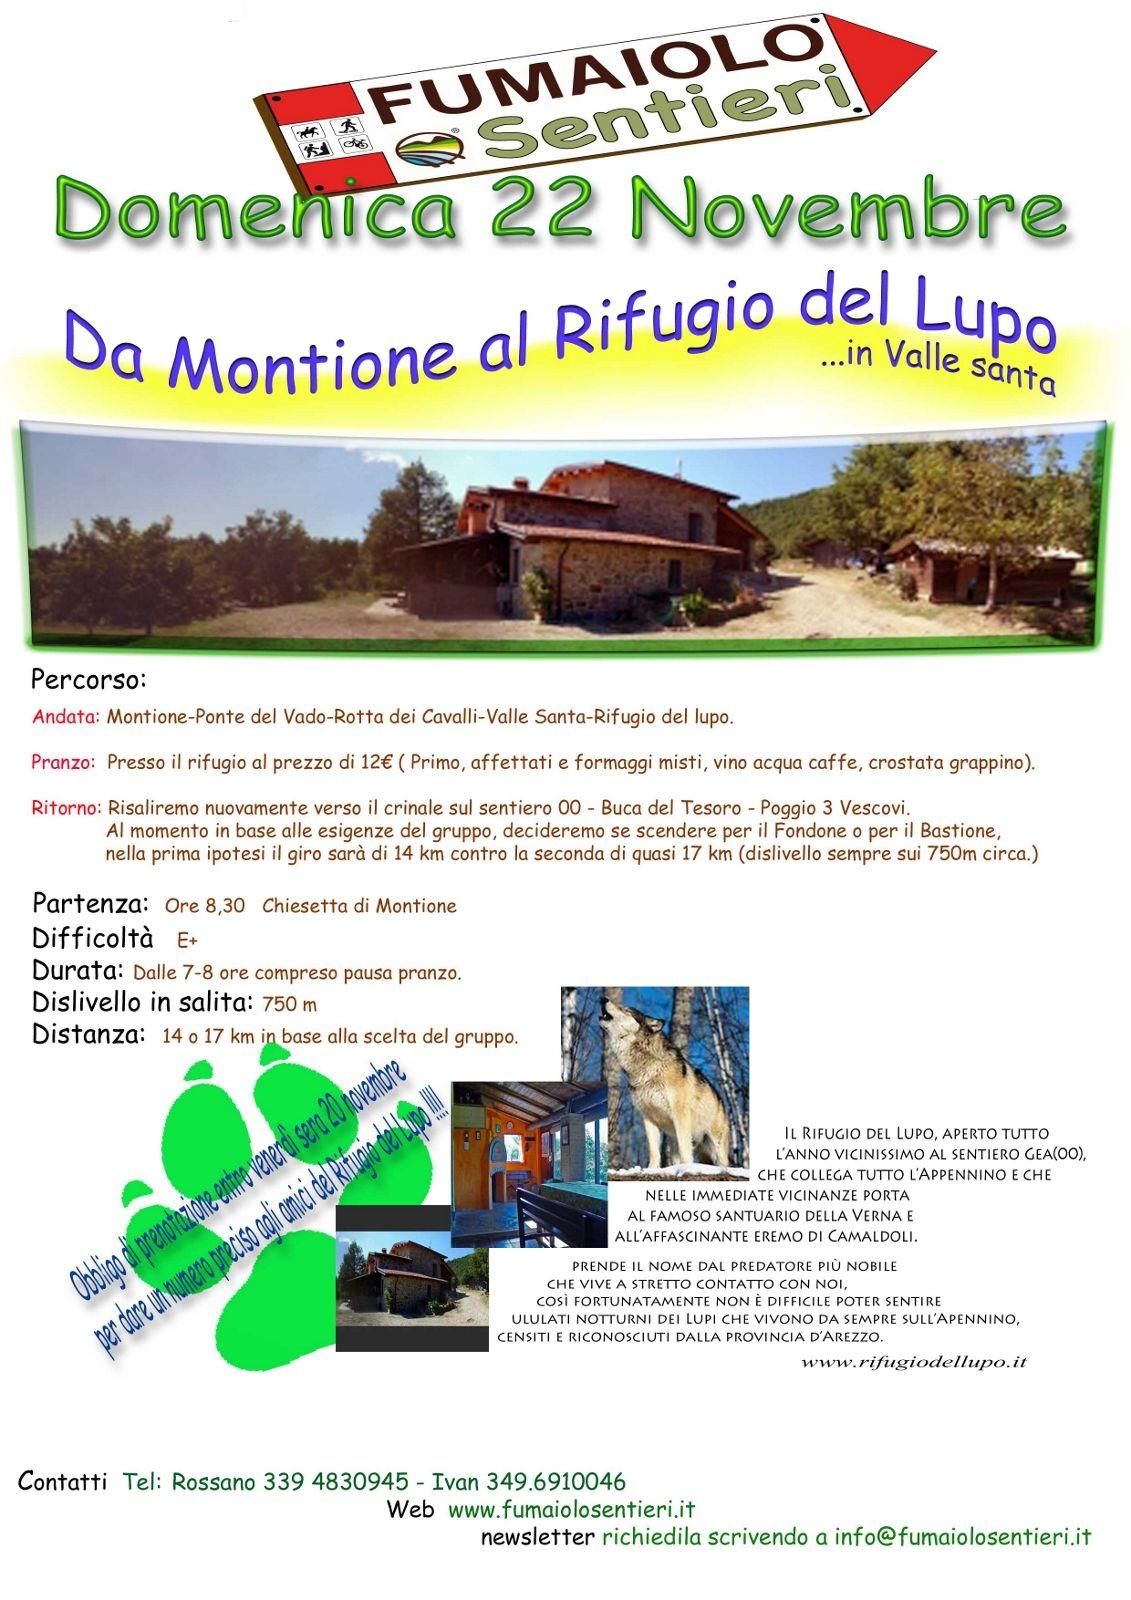 Escursione da Montione al Rifugio del Lupo – 22/11/2015